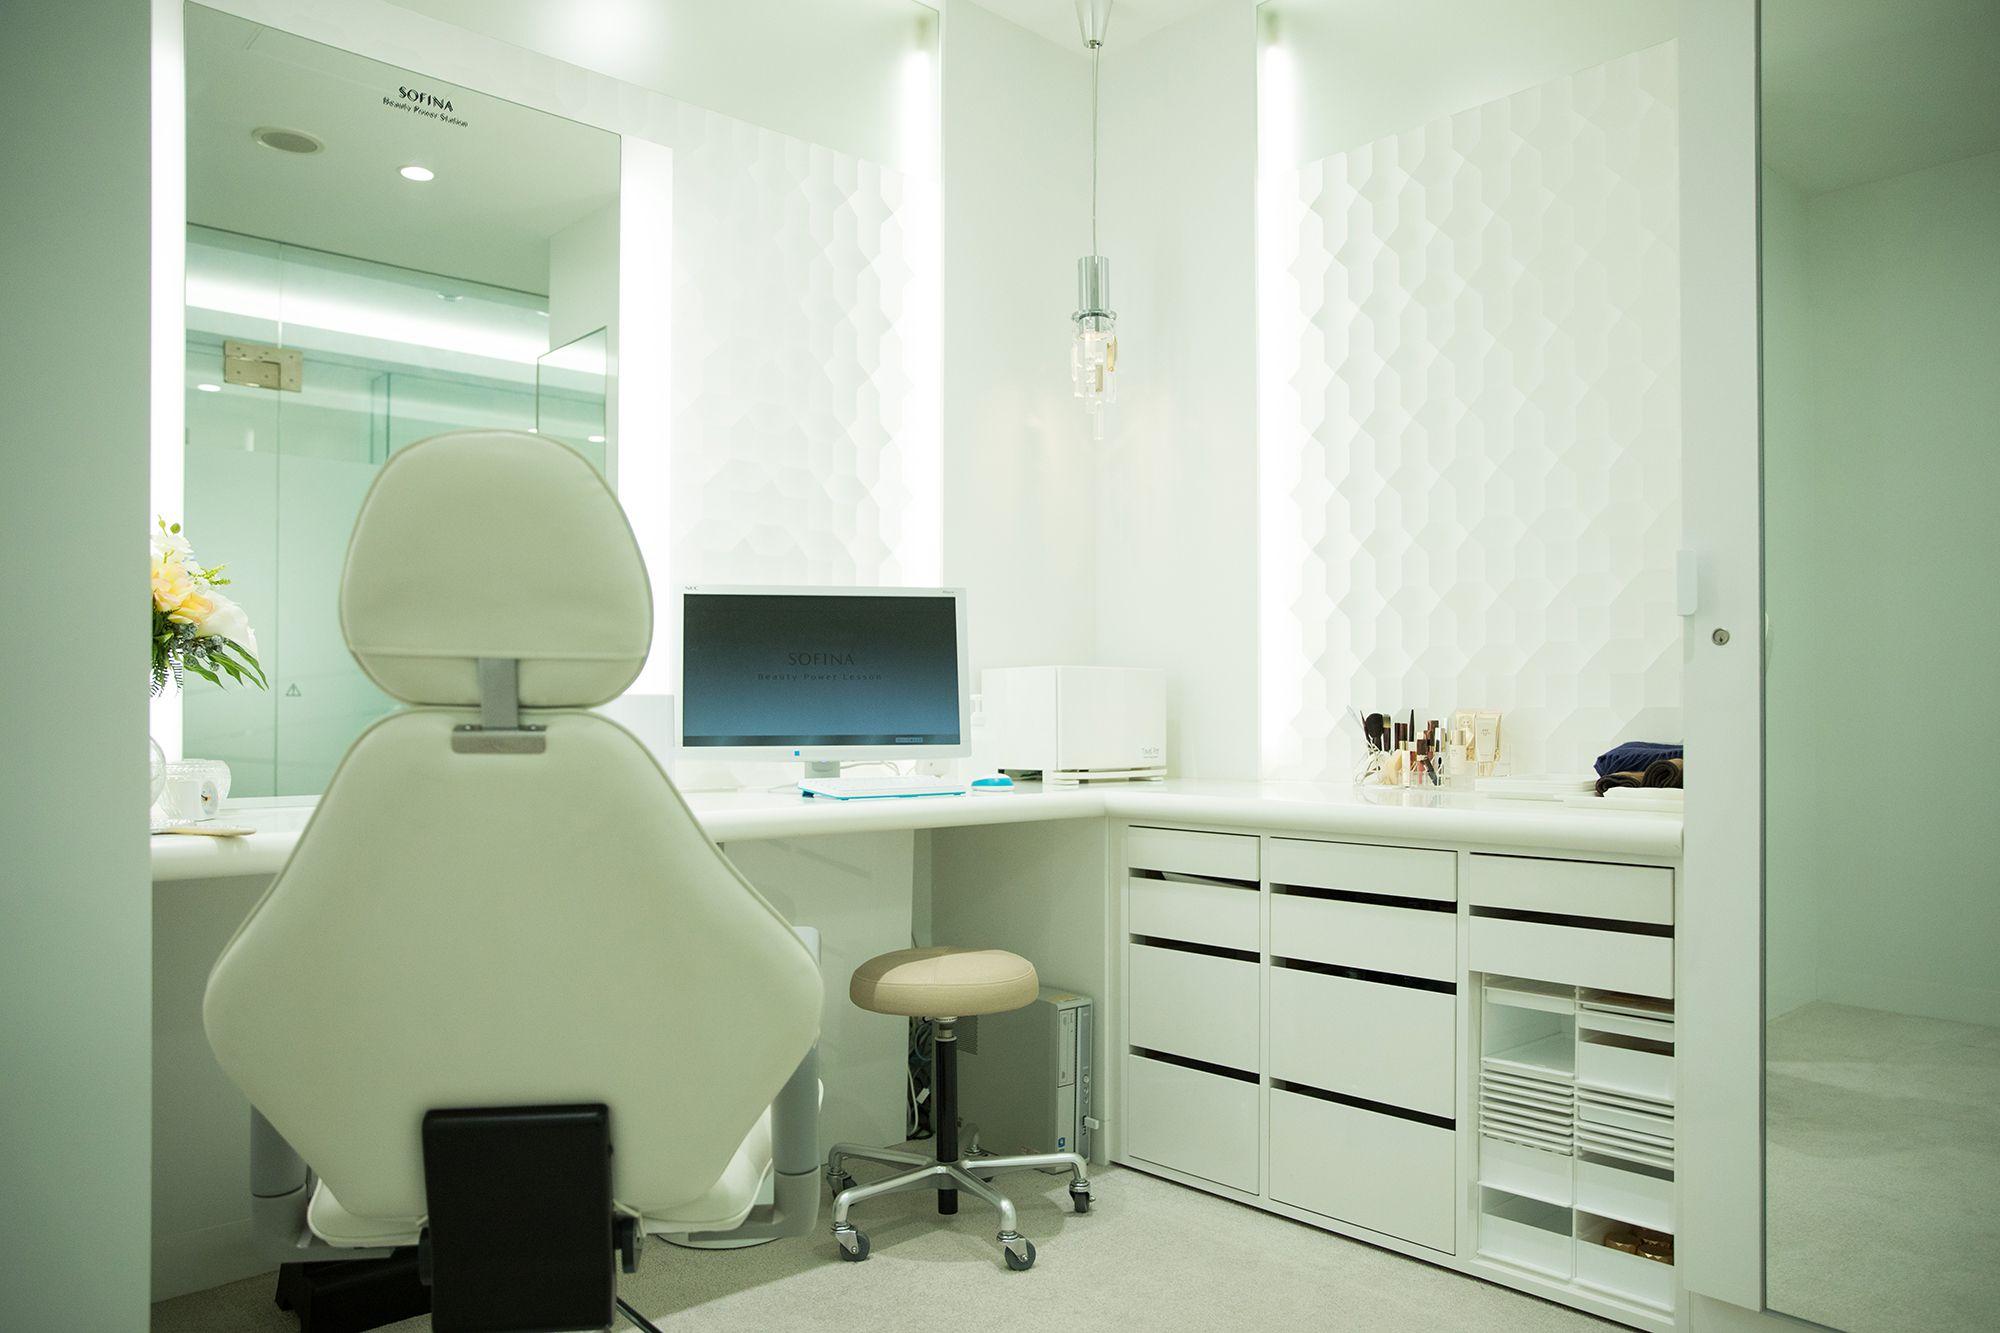 檢測用的房間裡配備了最先進的儀器和洗臉用的化妝台。在指導如何減少肌膚負擔的洗臉方法之後,用五種肌膚解析儀器來測定肌膚的狀態。